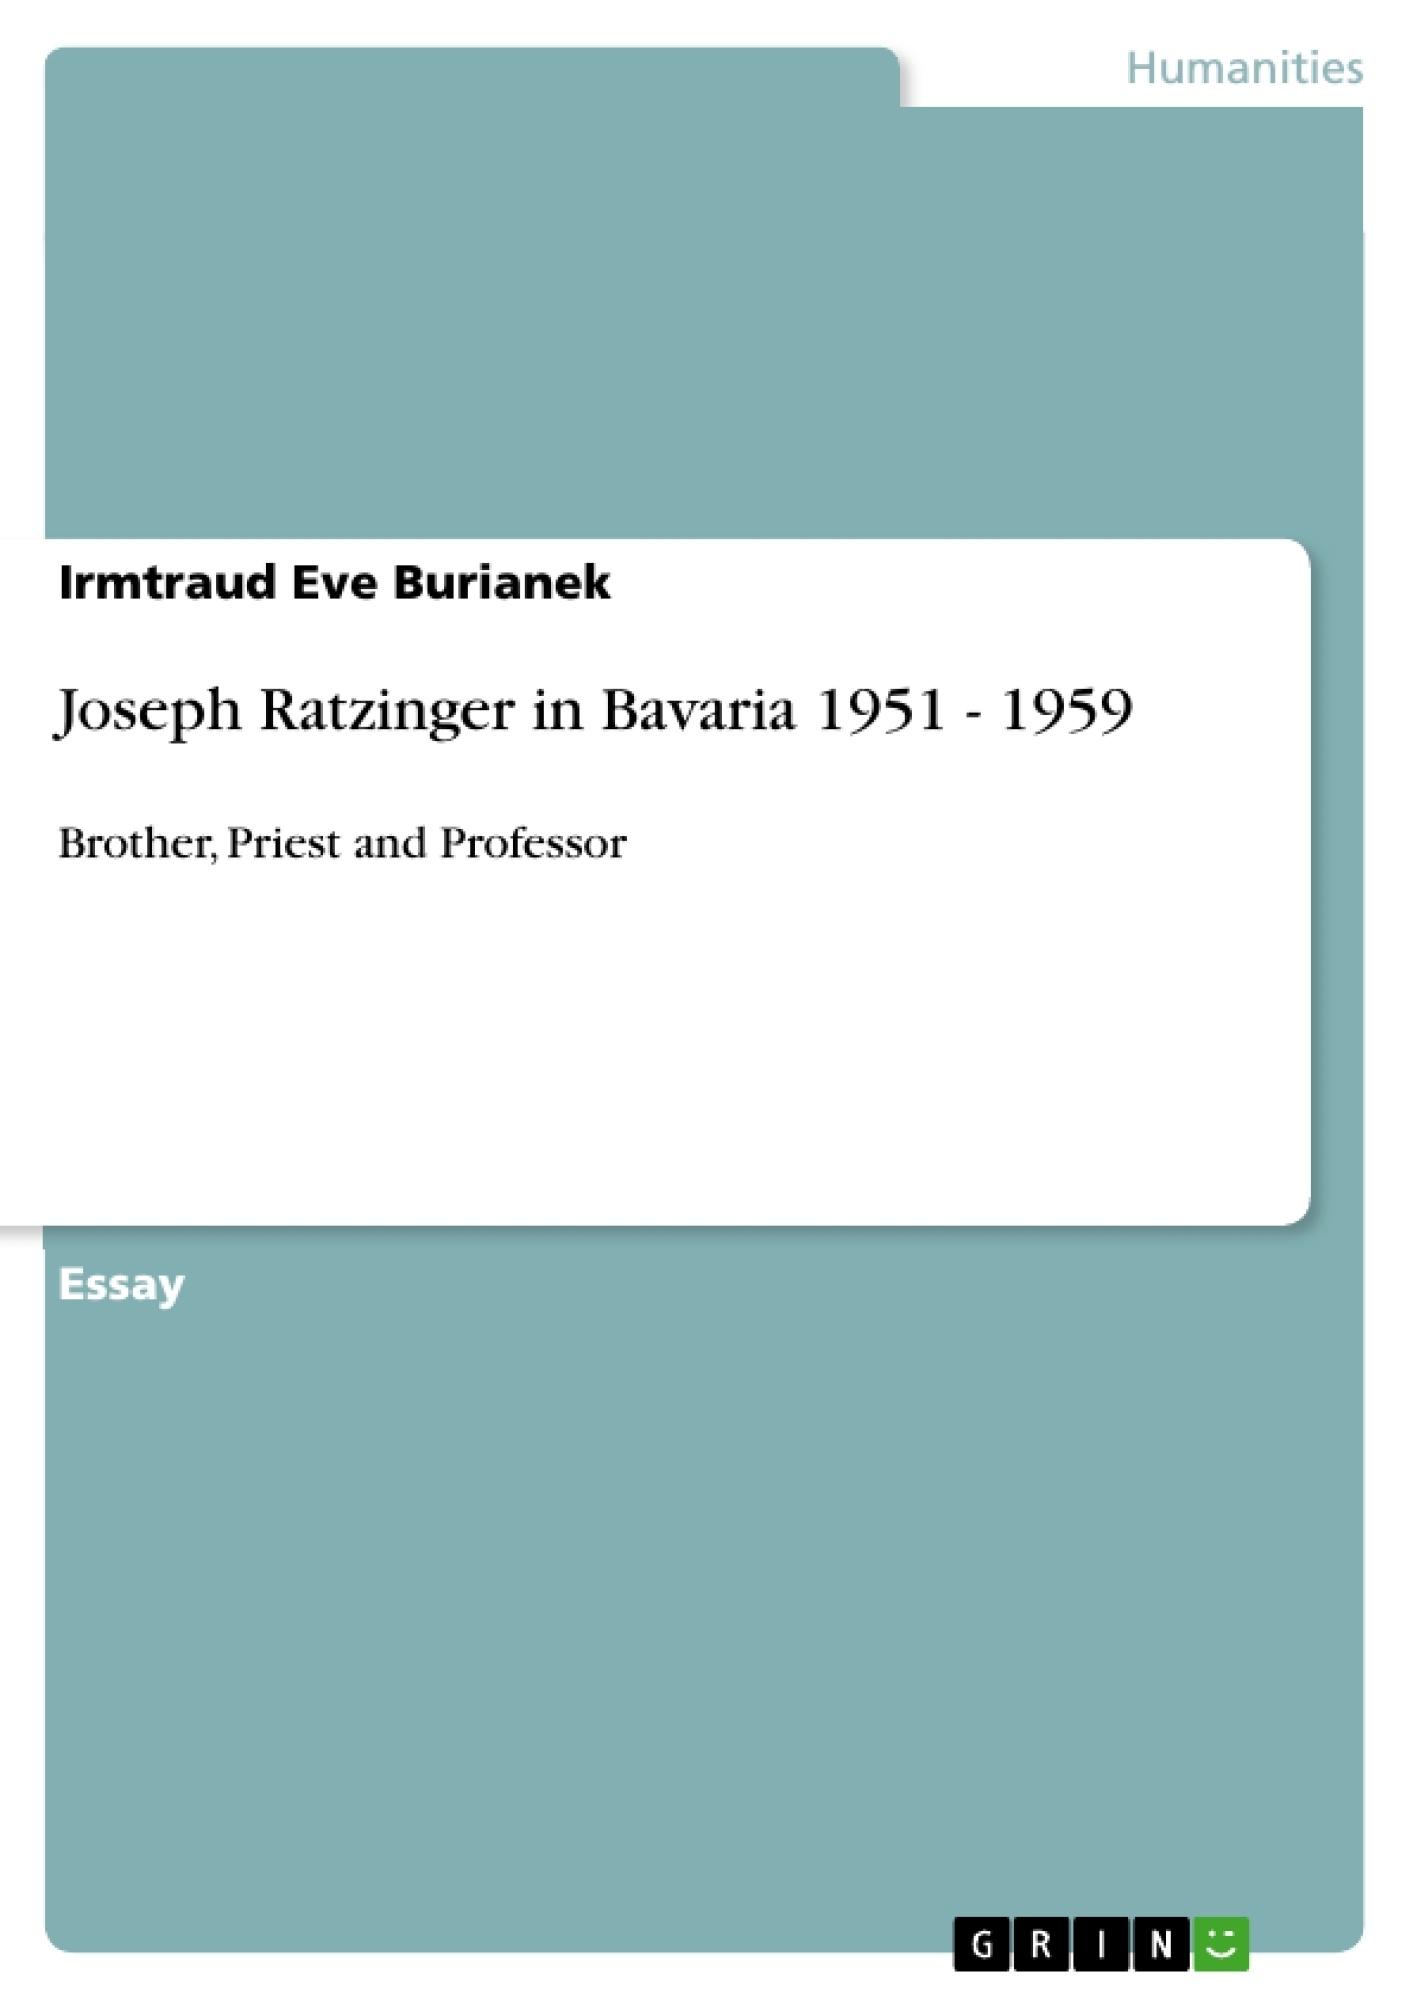 Title: Joseph Ratzinger in Bavaria 1951 - 1959